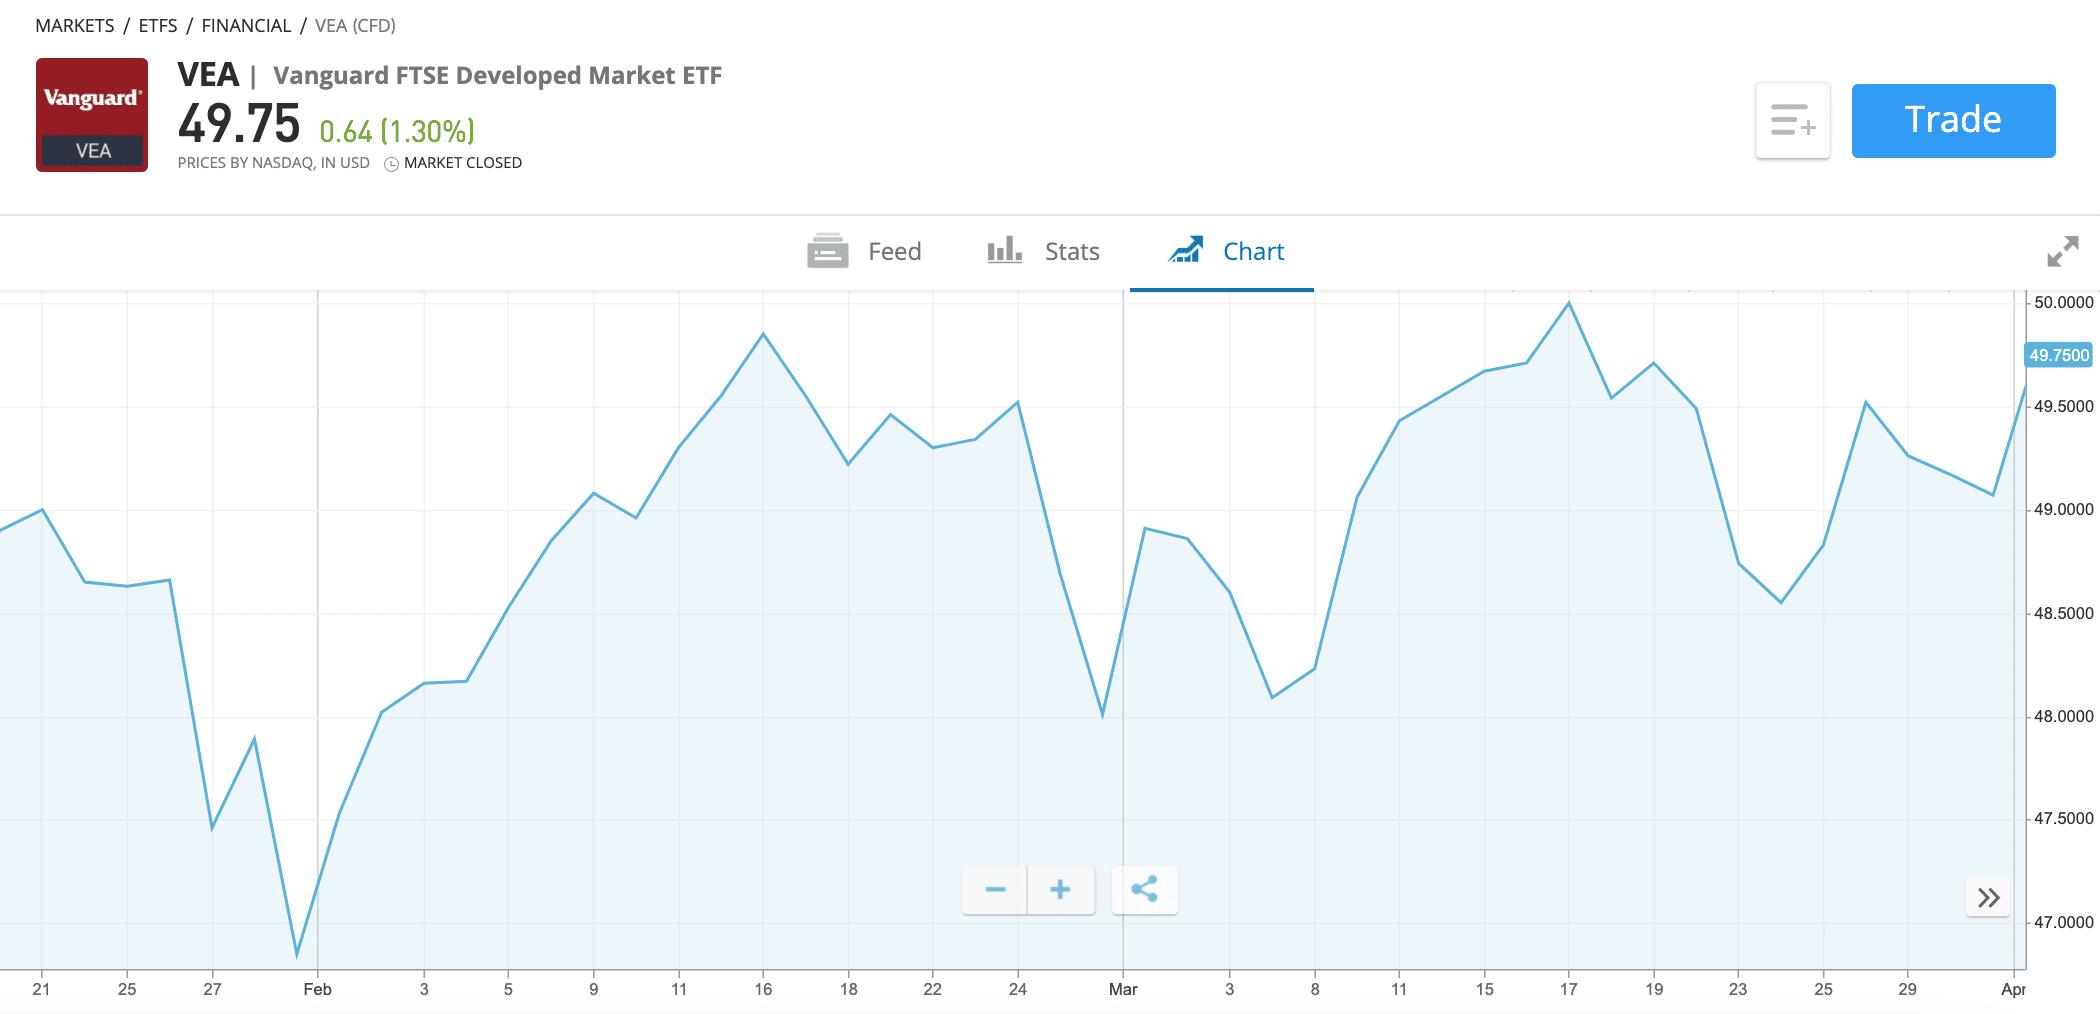 Vanguard FTSE Developed Market ETF